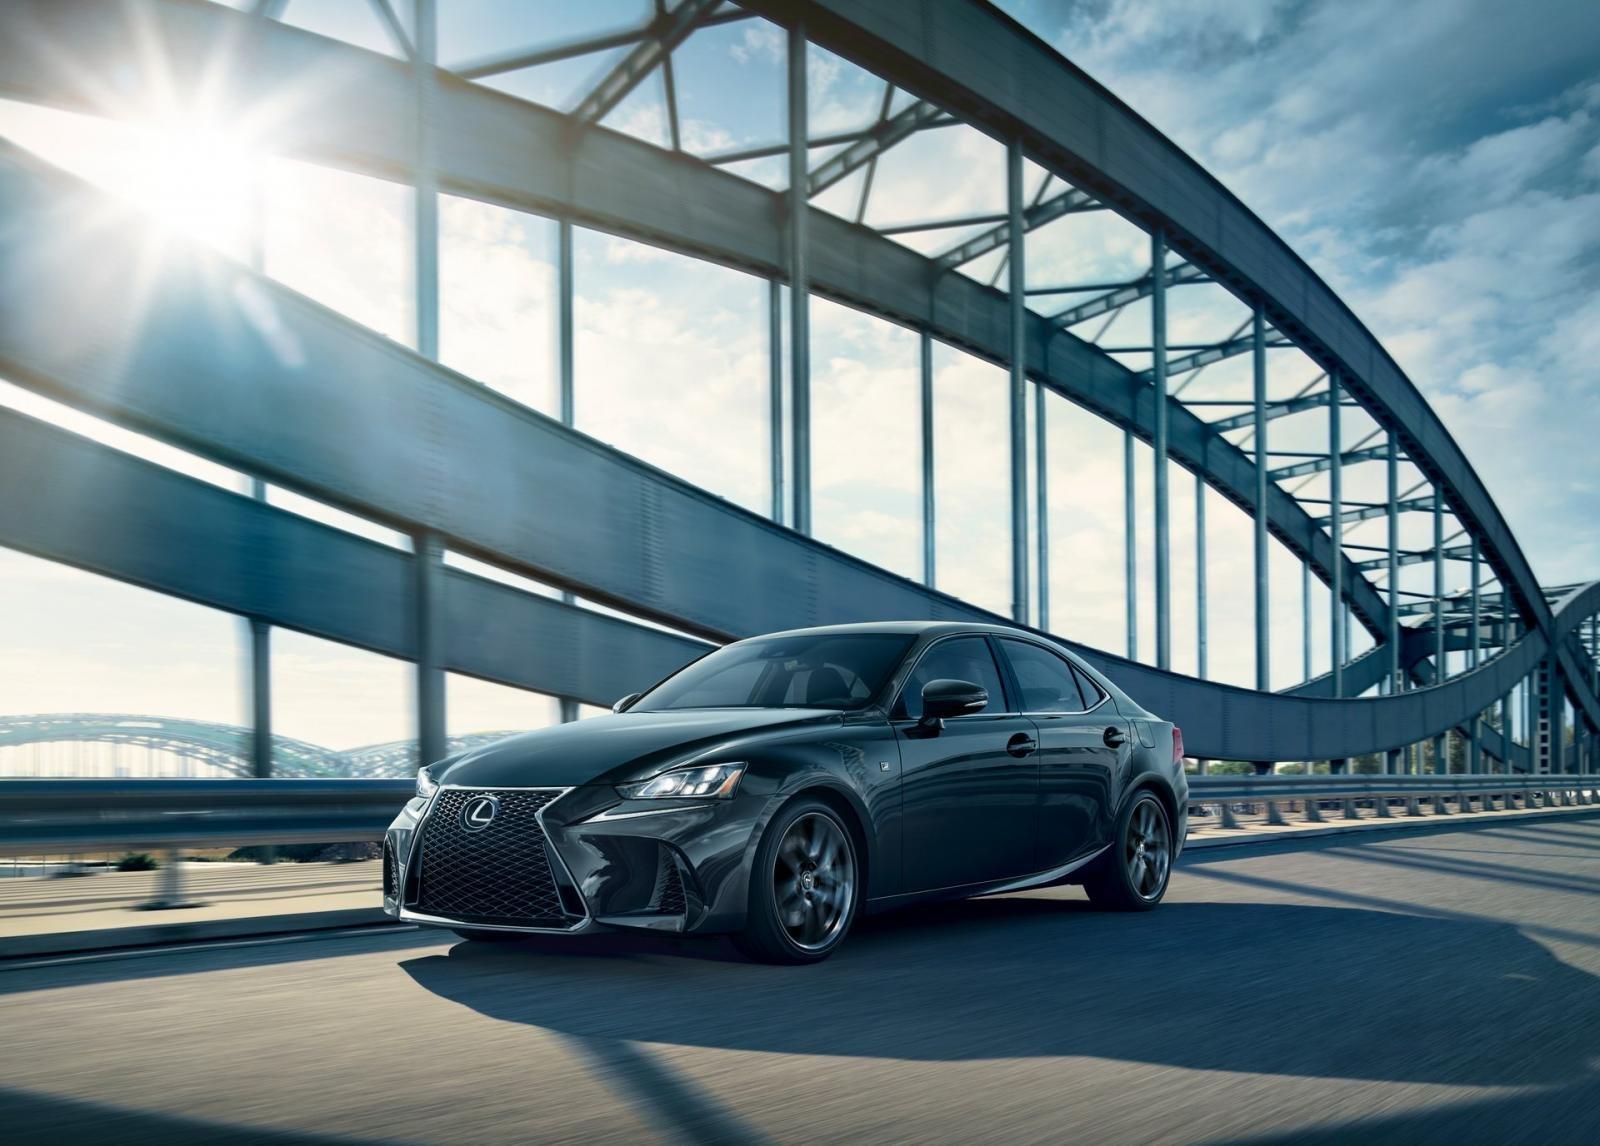 Lexus IS F Sport 2020 Blackline Special Edition có sẵn hệ dẫn động cầu sau (RWD) và hệ dẫn động tất cả các bánh (AWD).